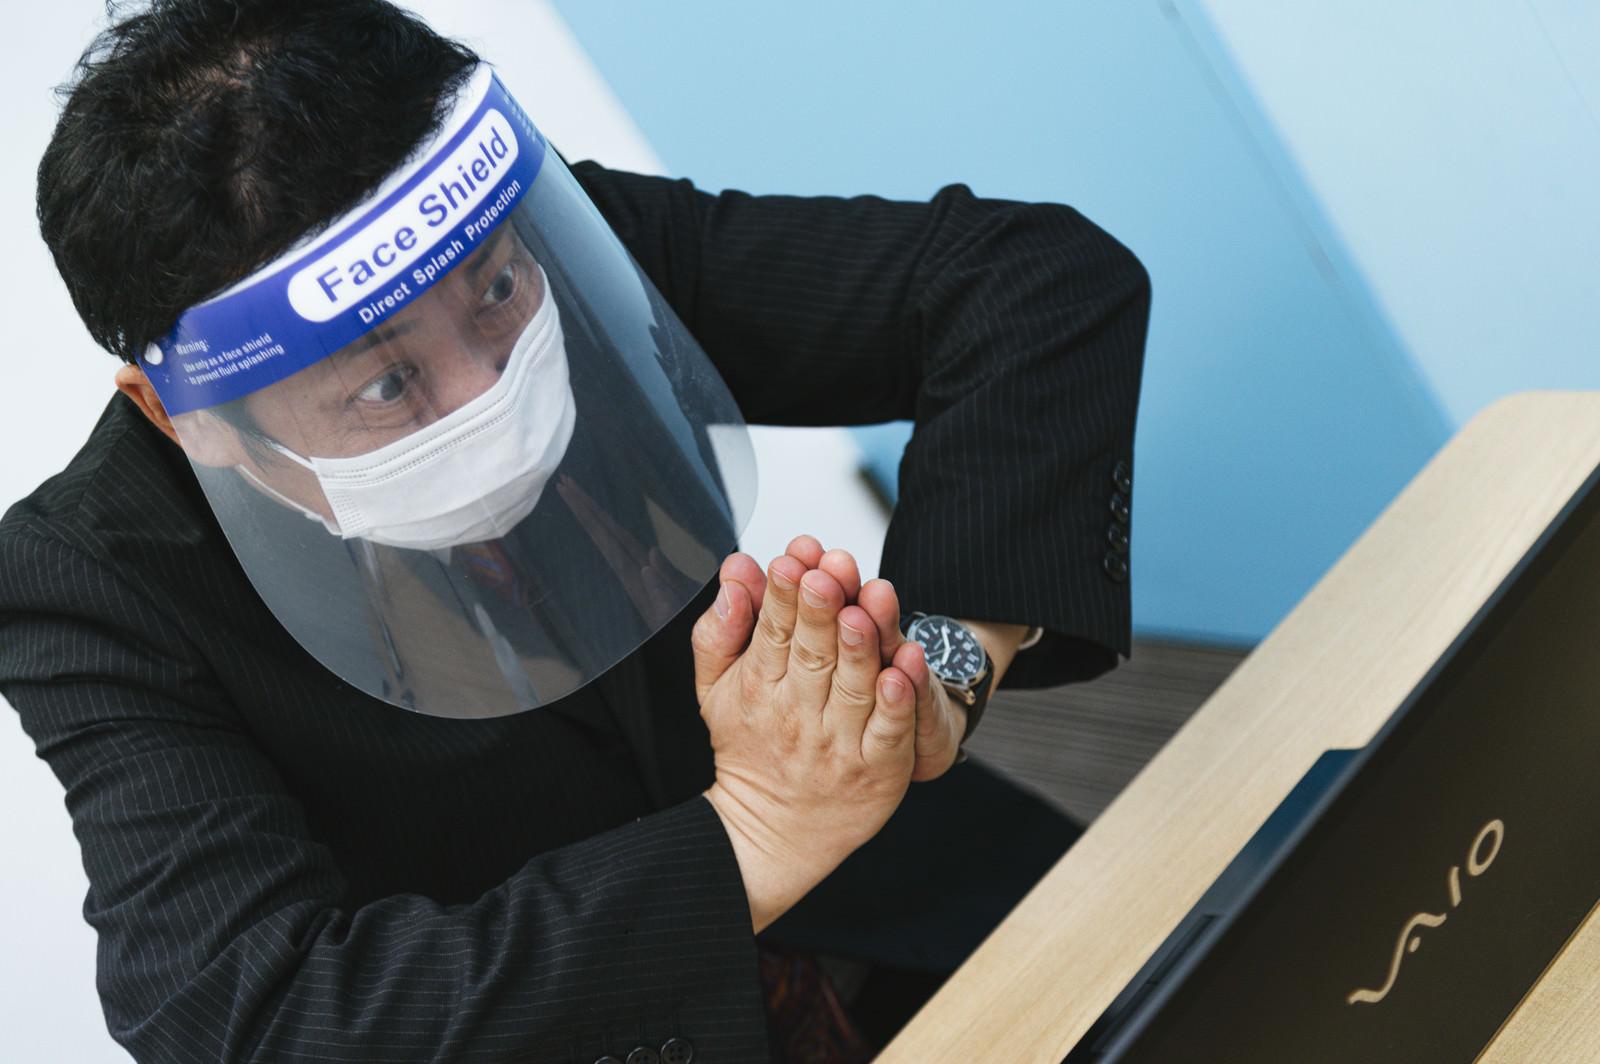 「オンライン会議中に取引中止と言われて焦る部長」の写真[モデル:のせさん]